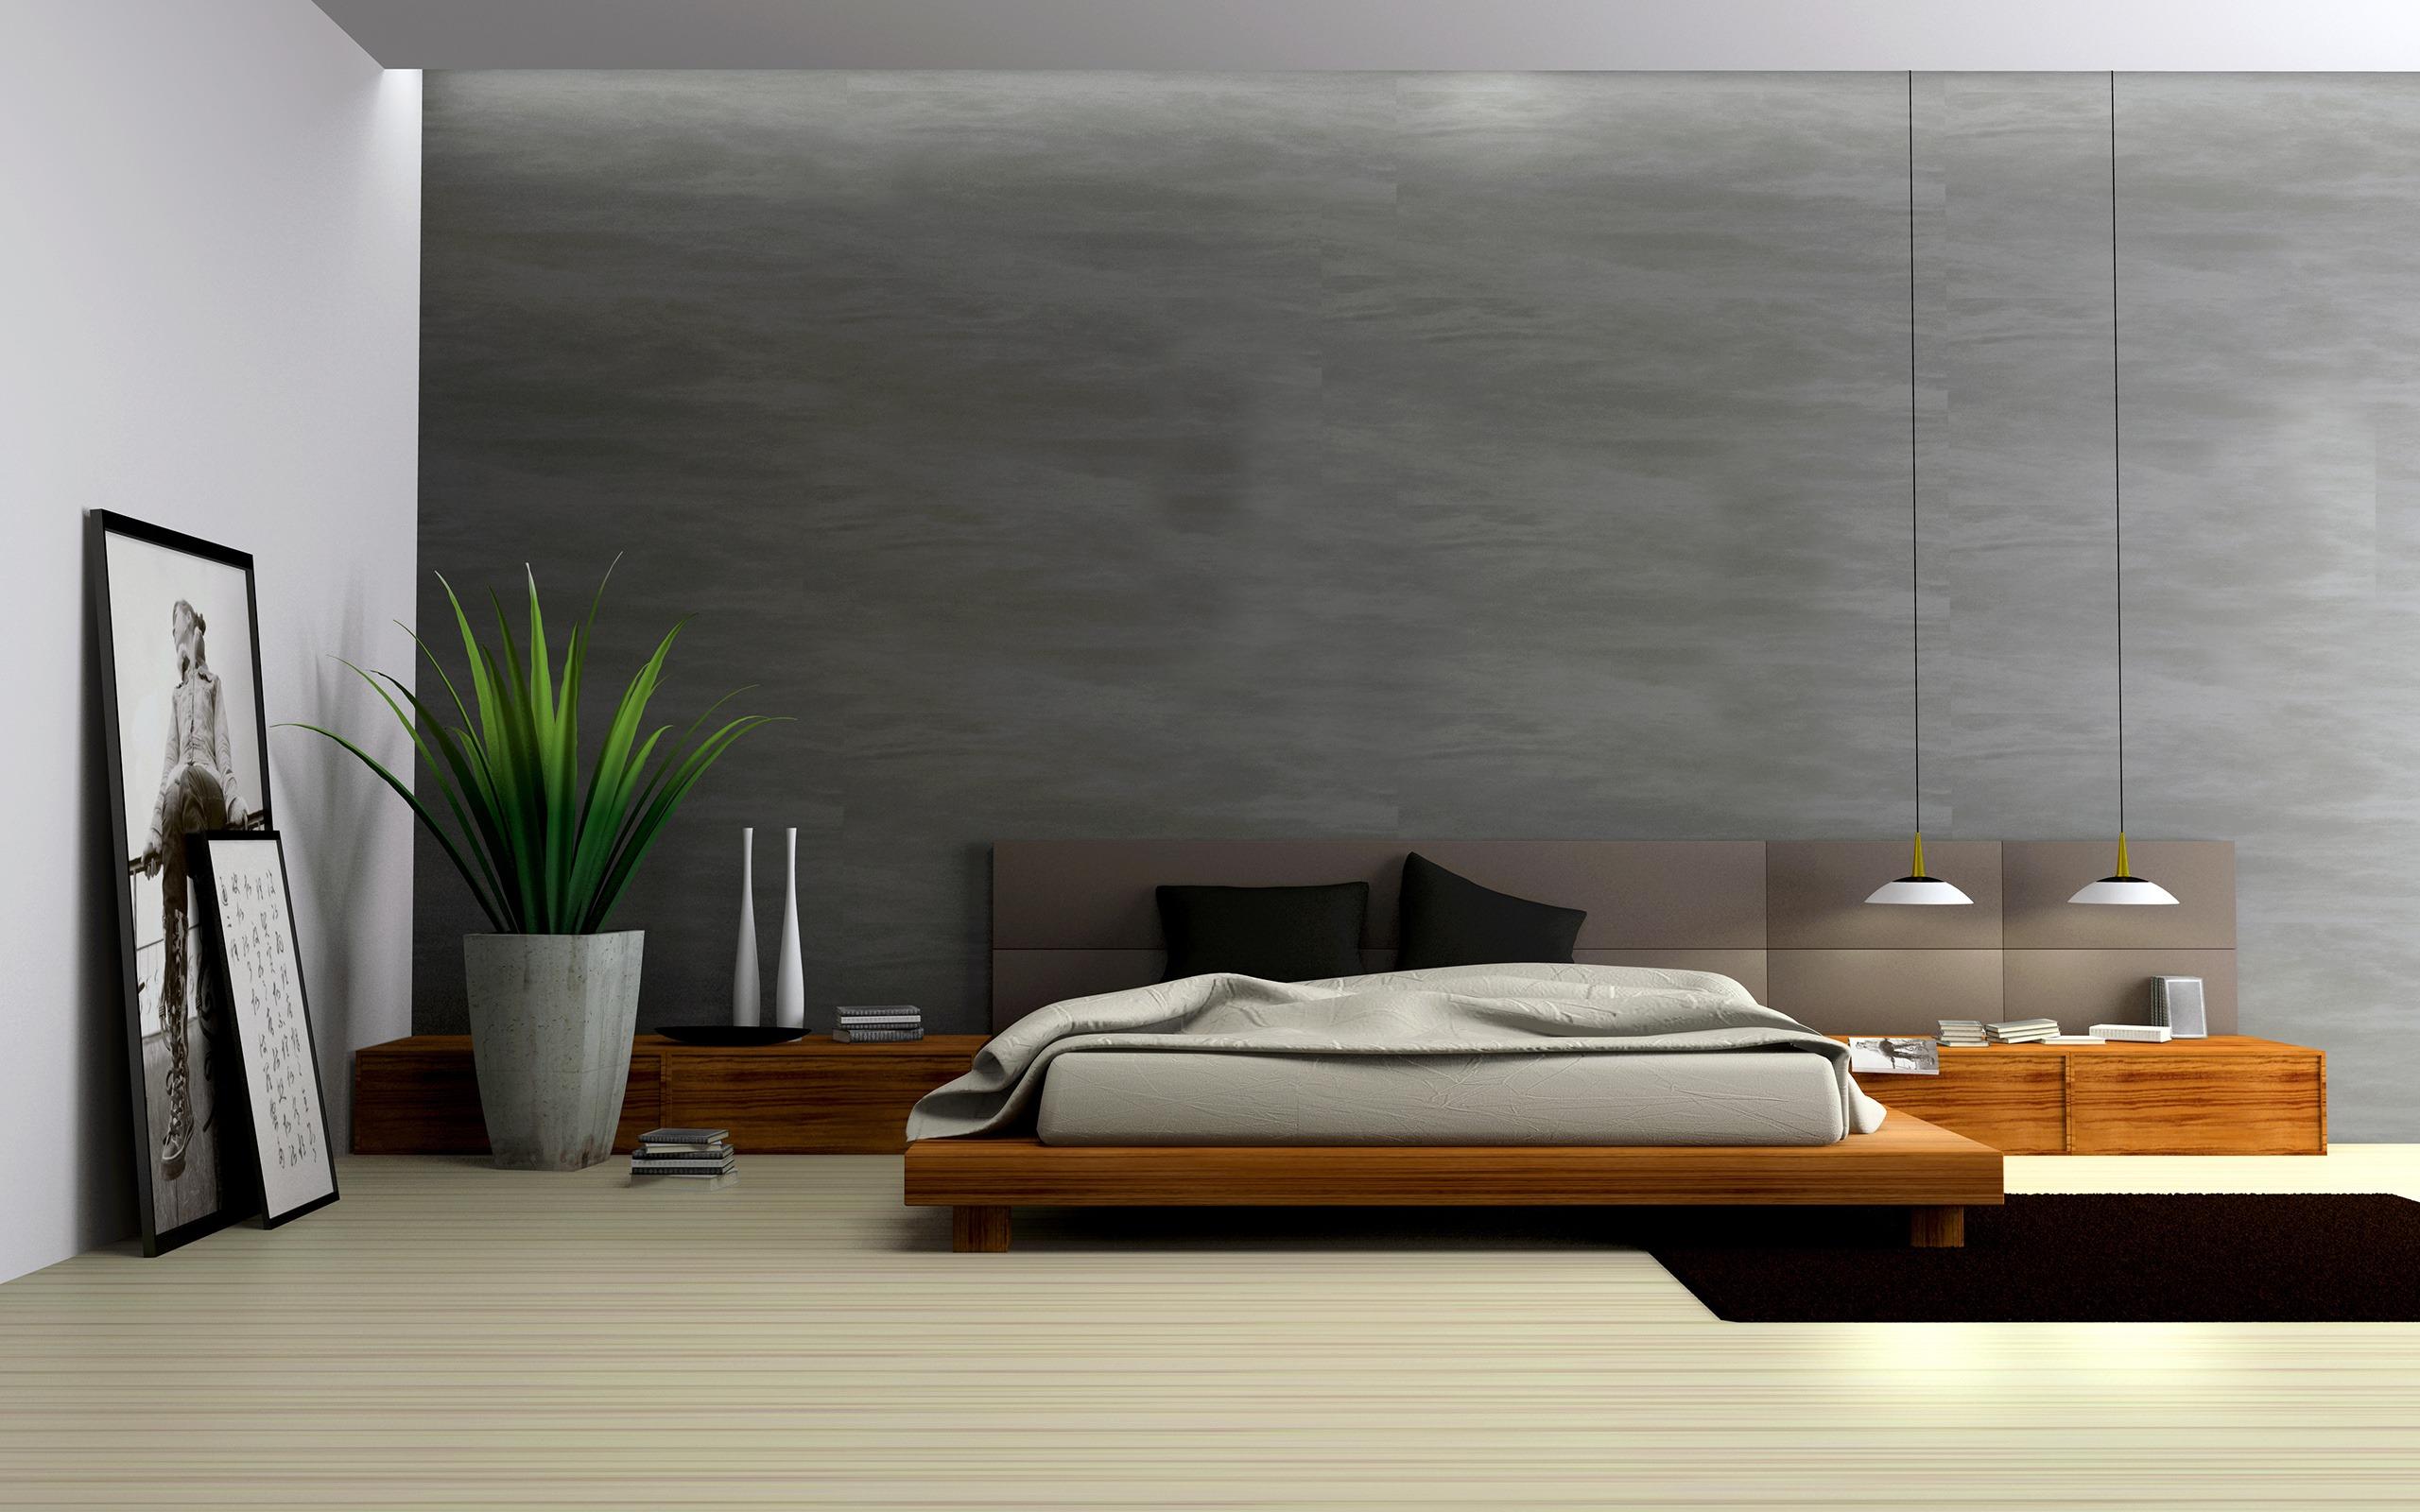 Minimalist interior design theme HD Wallpaper 03 Preview ...